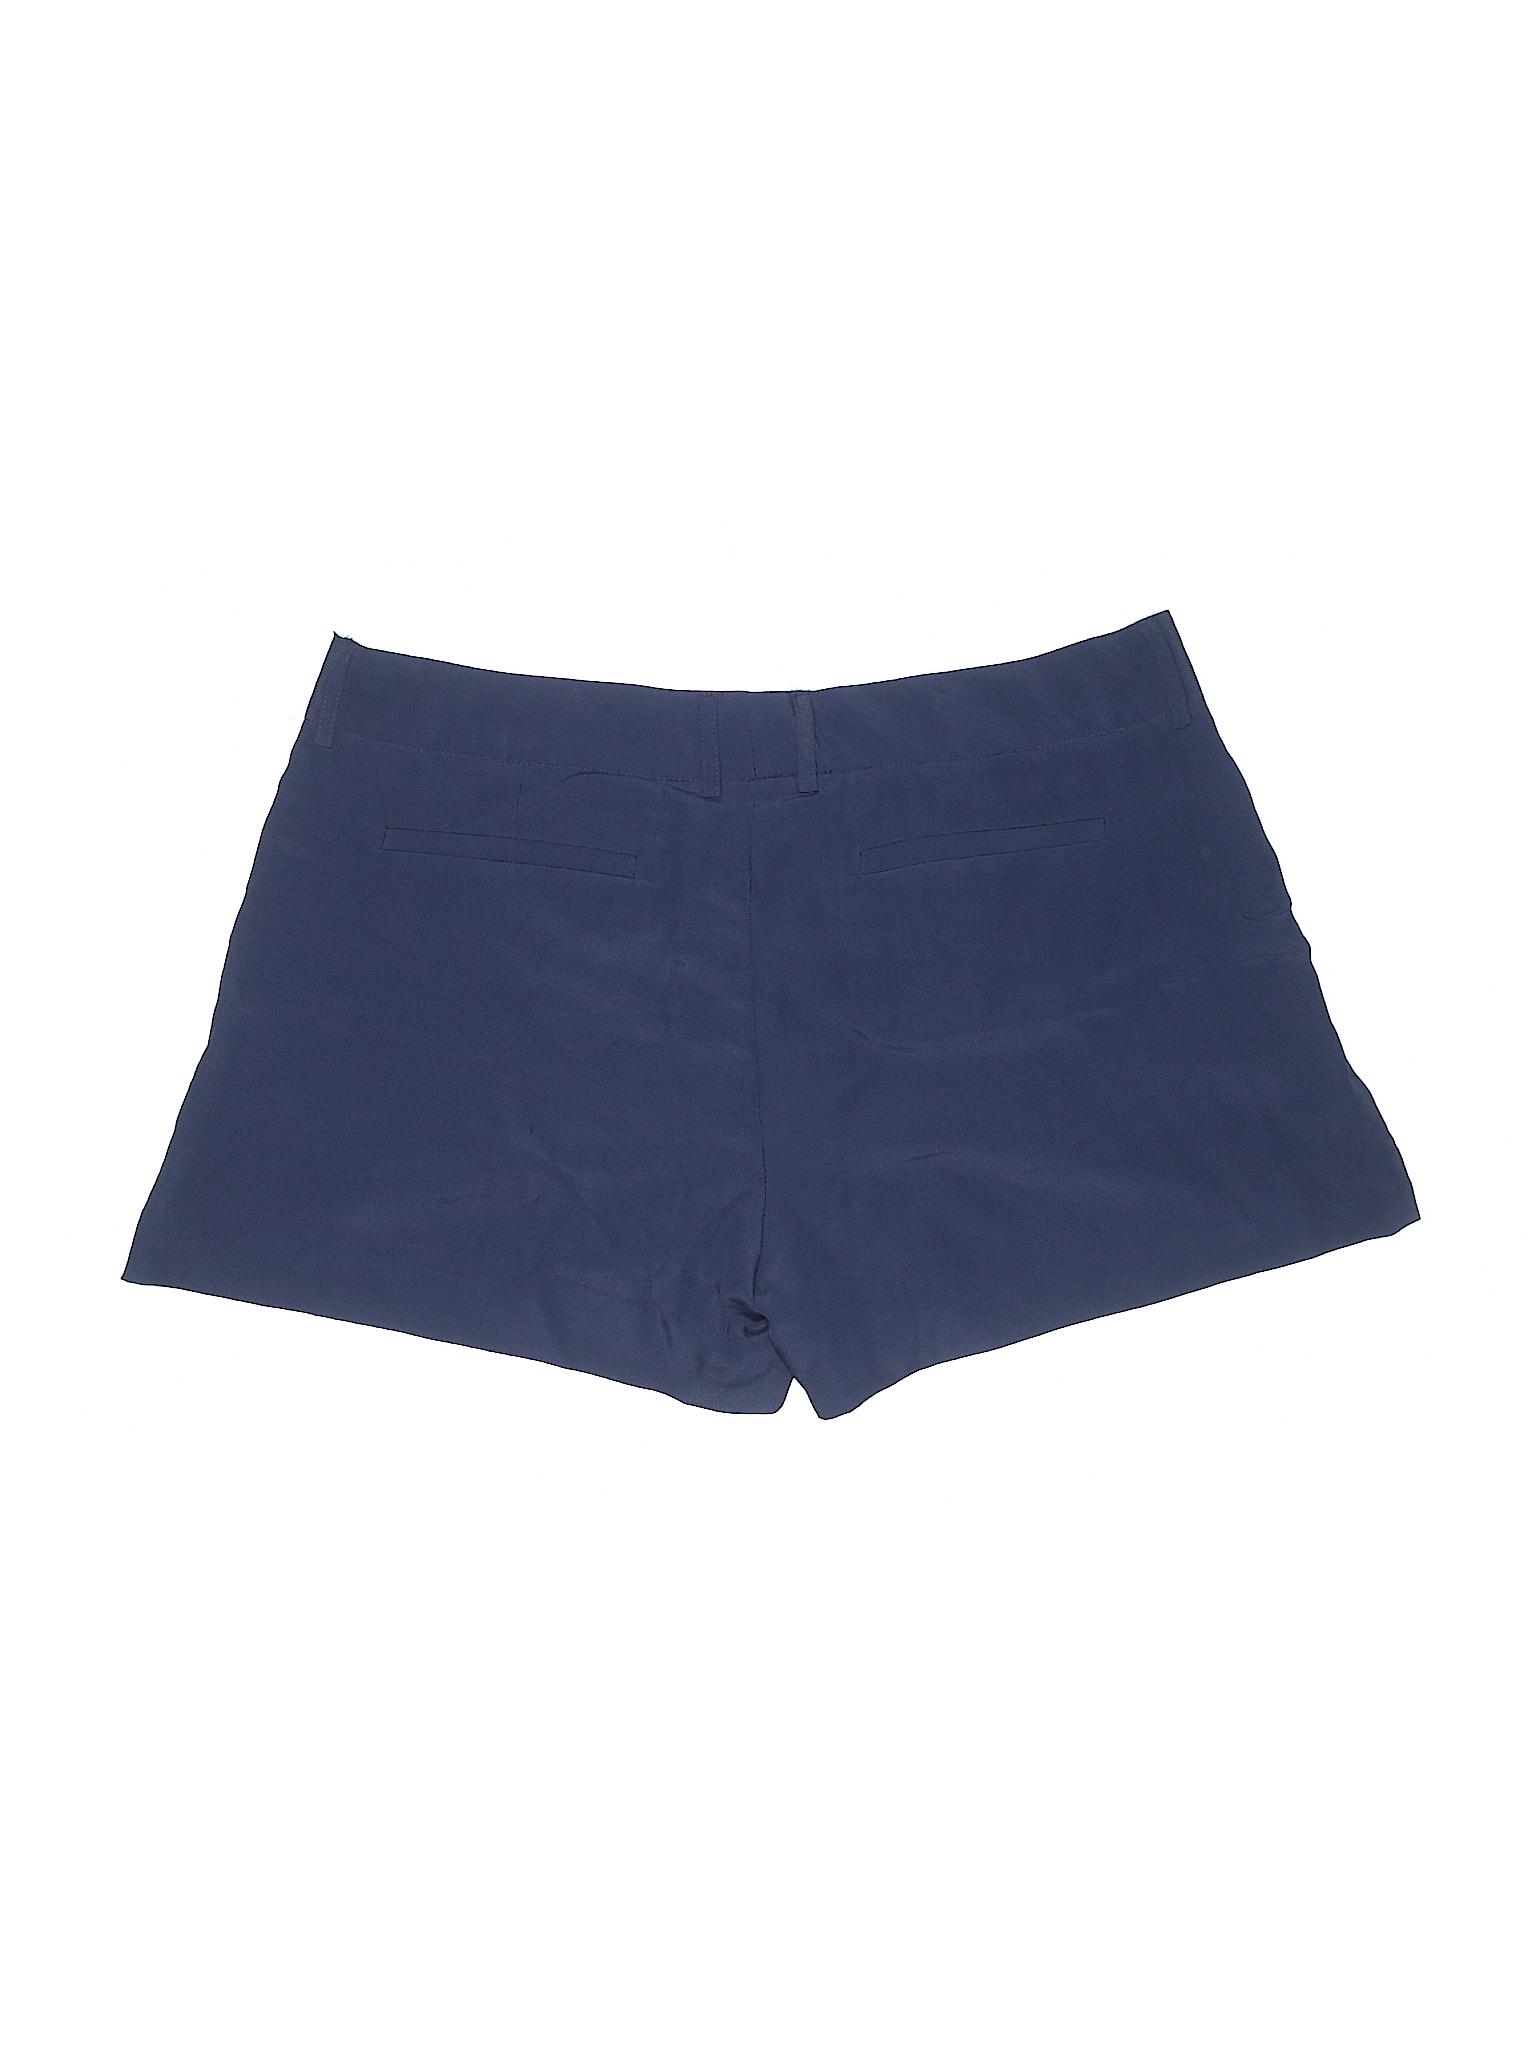 Boutique Shorts Boutique Shorts BCBGeneration Shorts Dressy Dressy BCBGeneration BCBGeneration Dressy Boutique fqTfpS4